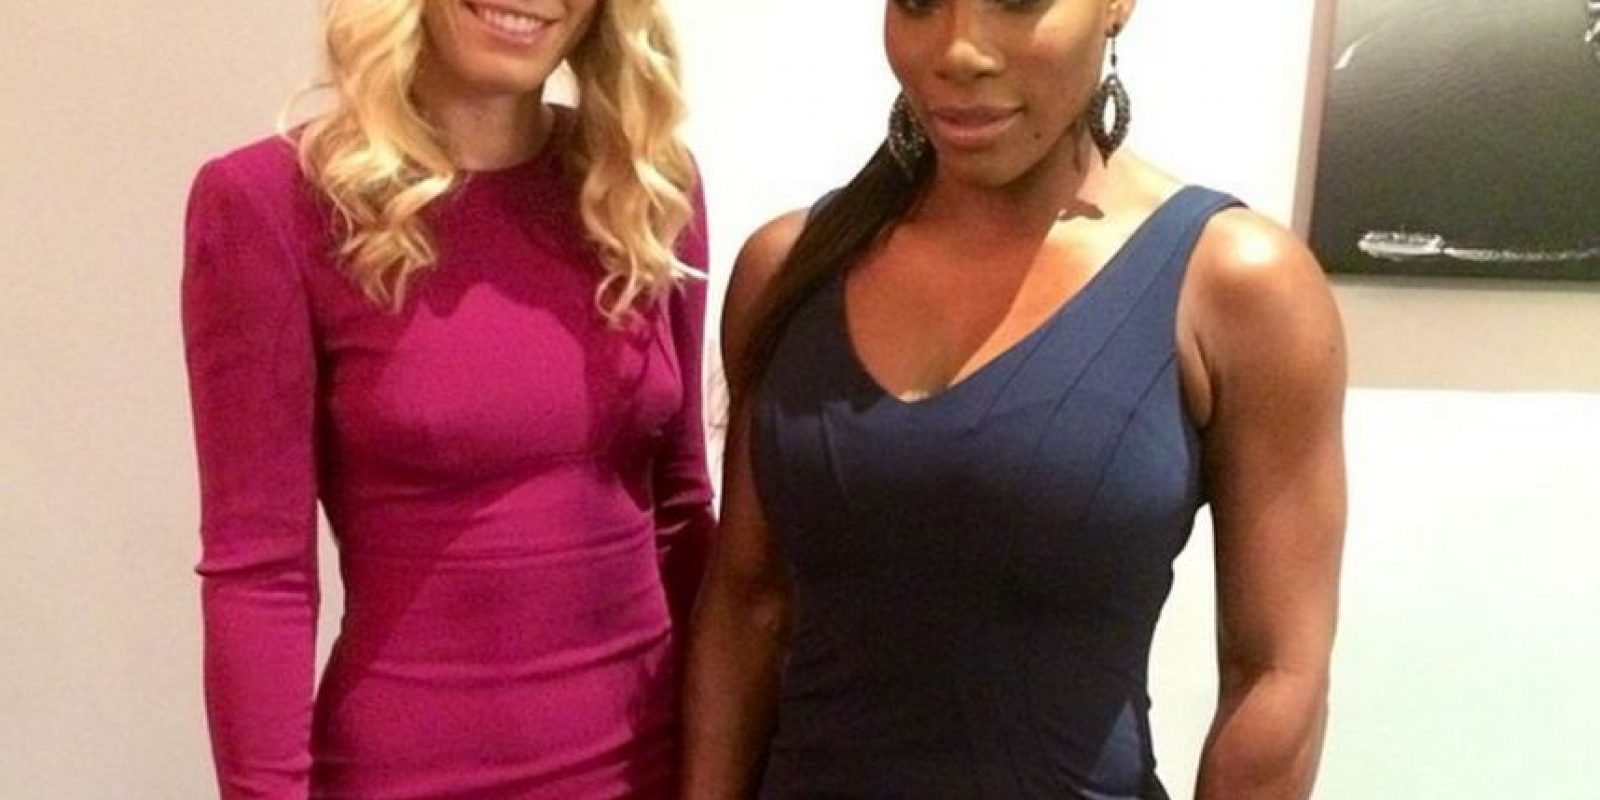 Serena suele aparecer con looks elegantes y sexis, cuando no está en las canchas de tenis Foto:Instagram: @serenawilliams